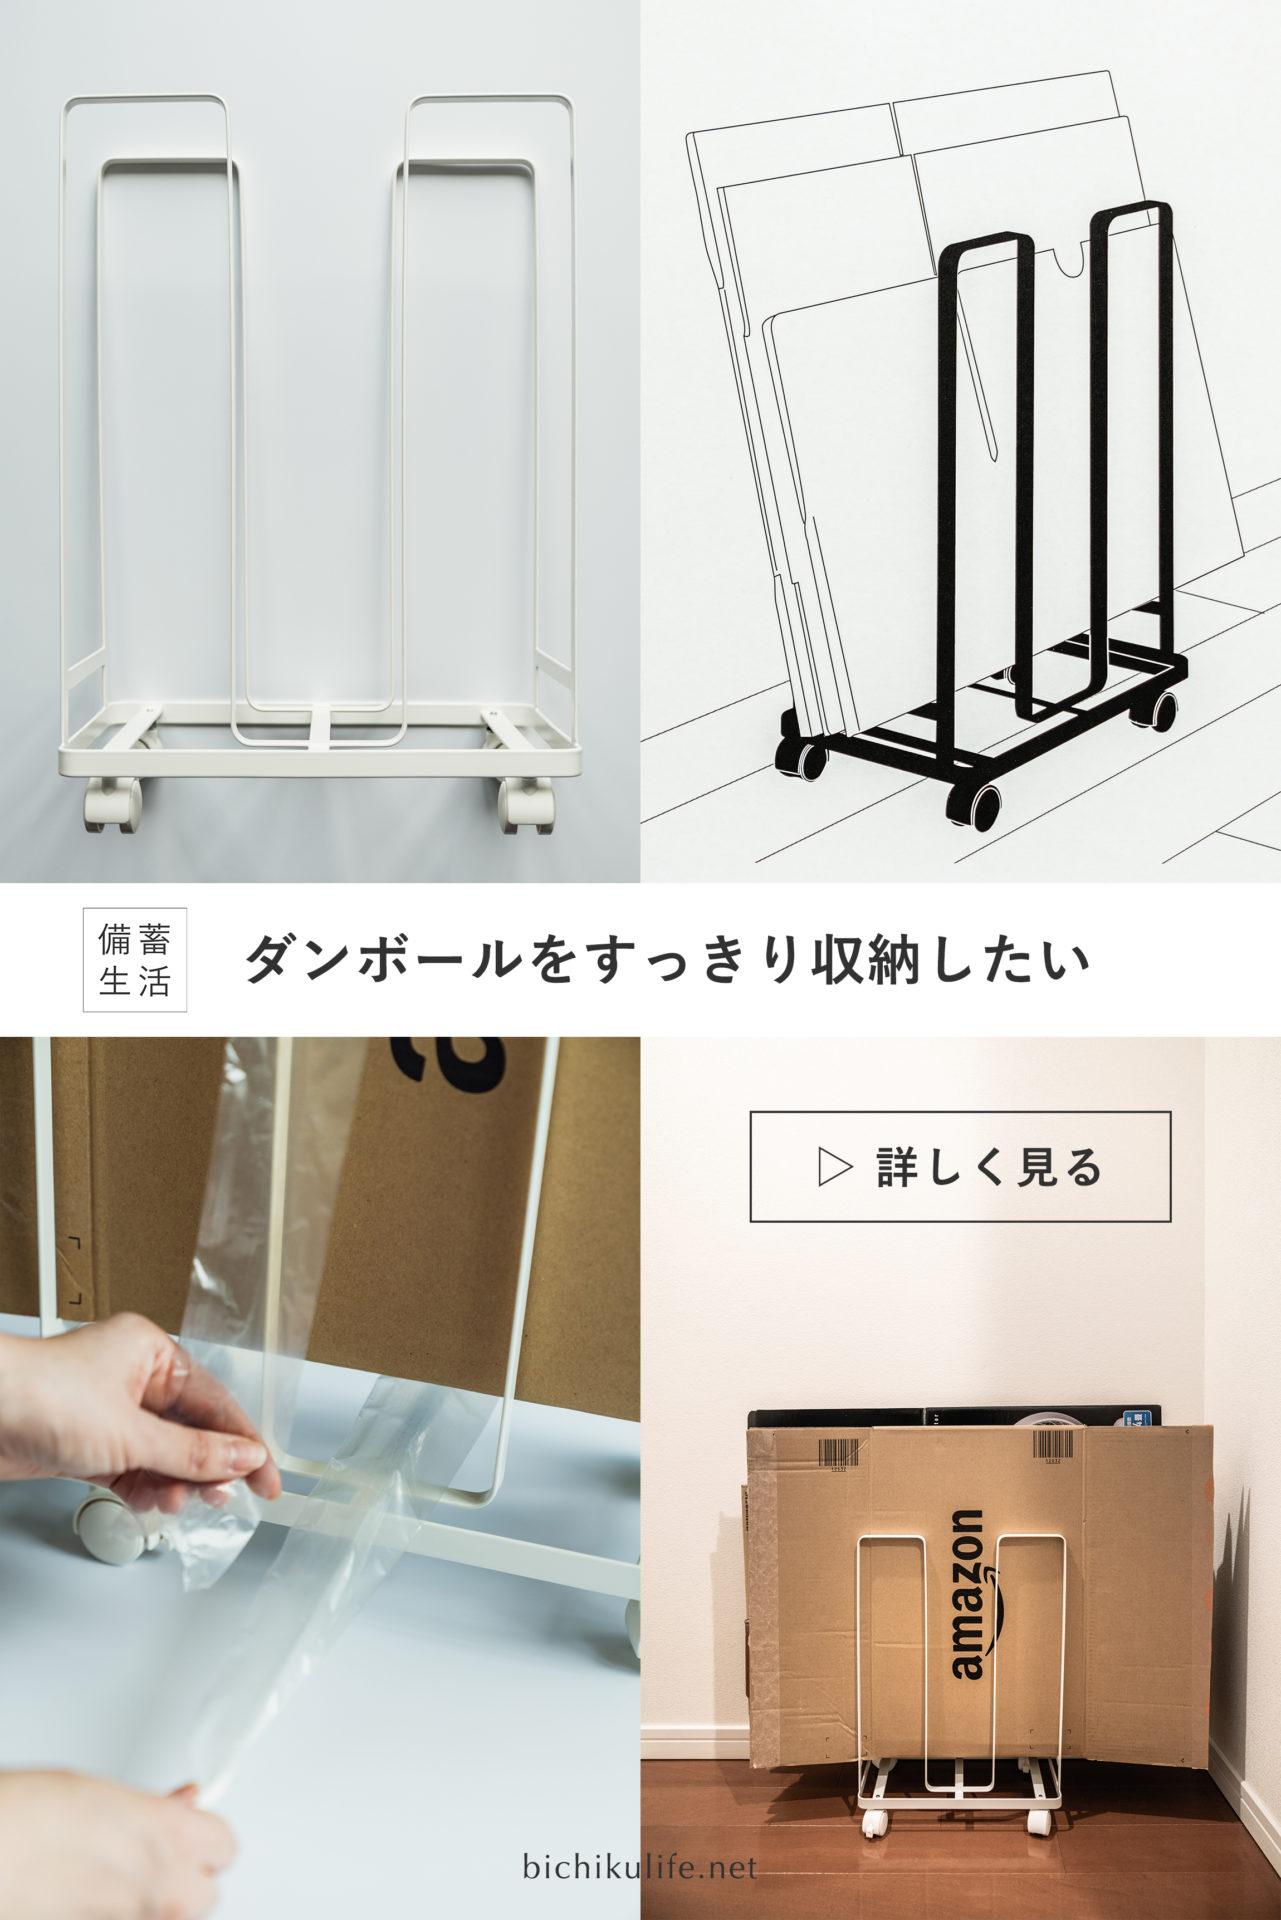 山崎実業 ダンボールストッカー収納 tower